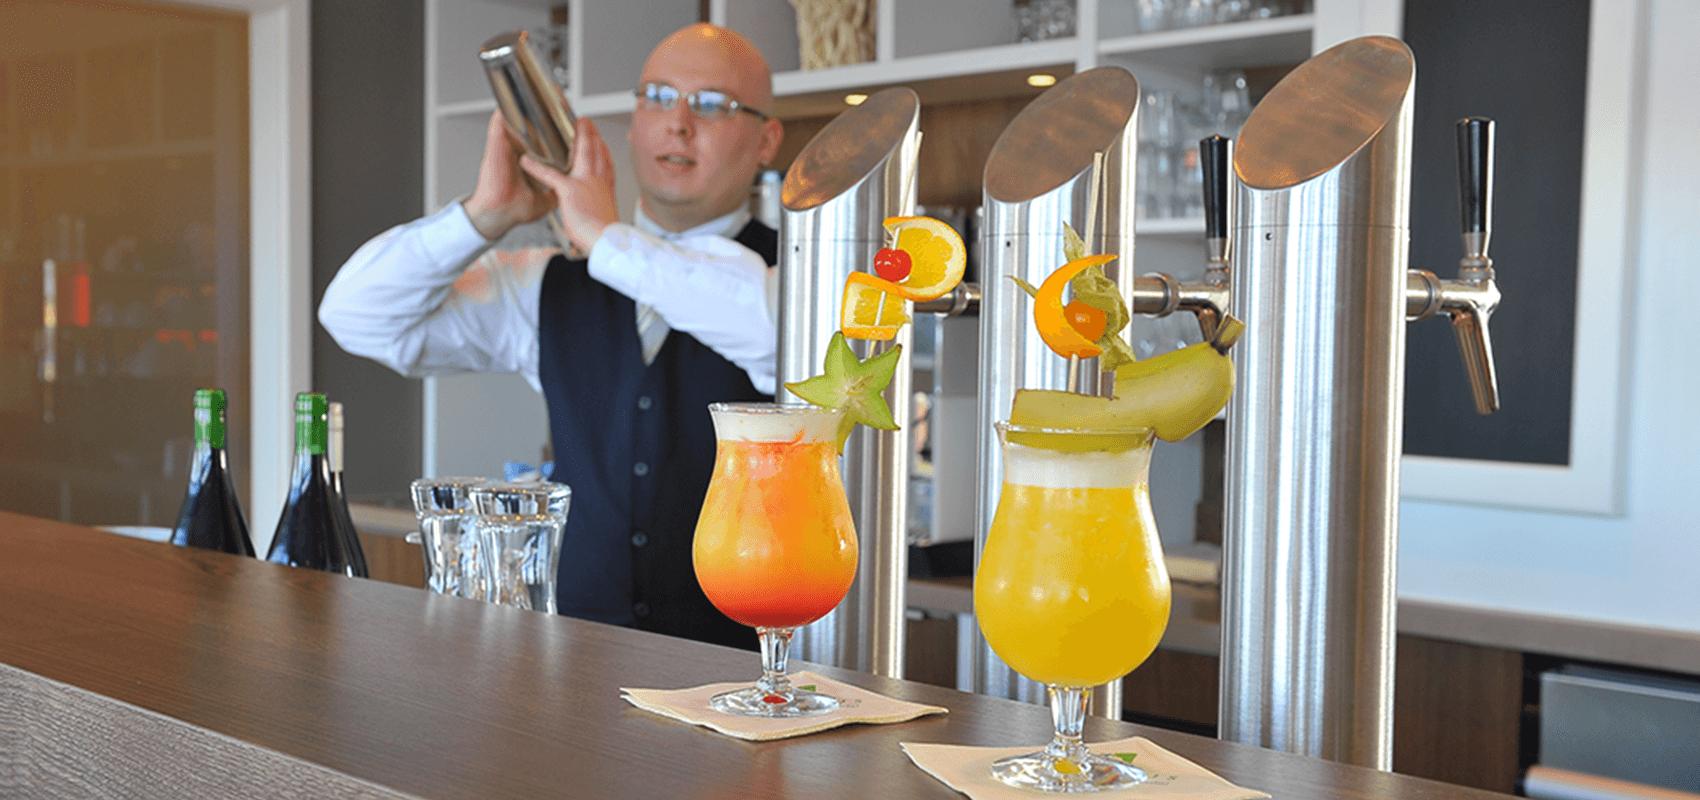 Barkeeper mixt köstliche Cocktails, zwei fertige stehen auf der Theke